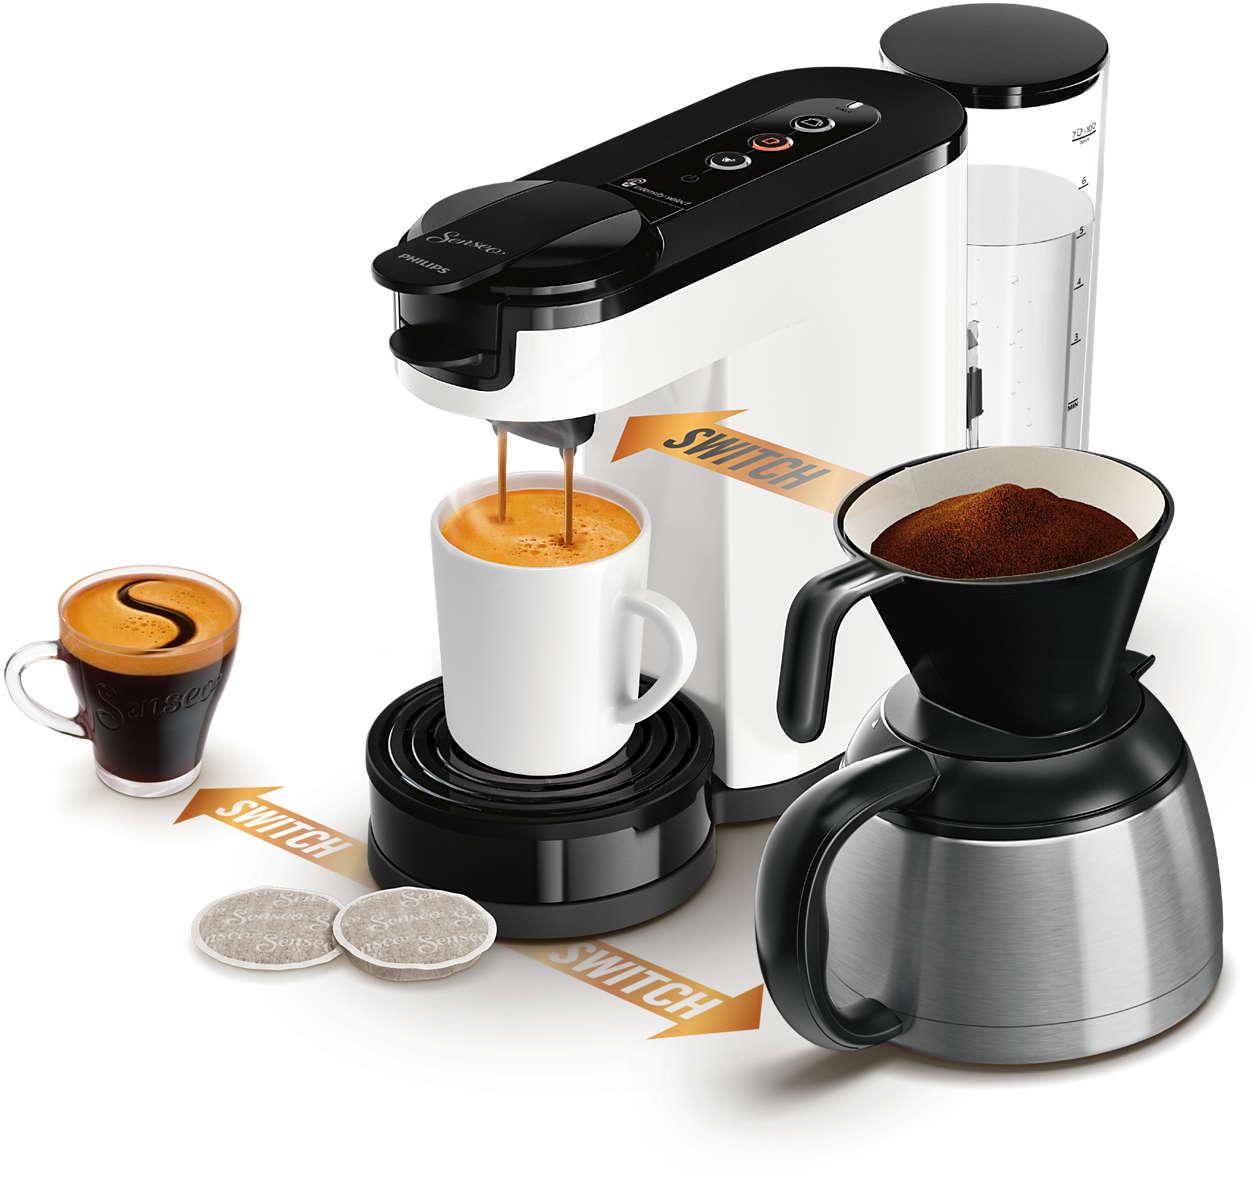 Vvælg mellem en kop, et krus eller en kande til deling